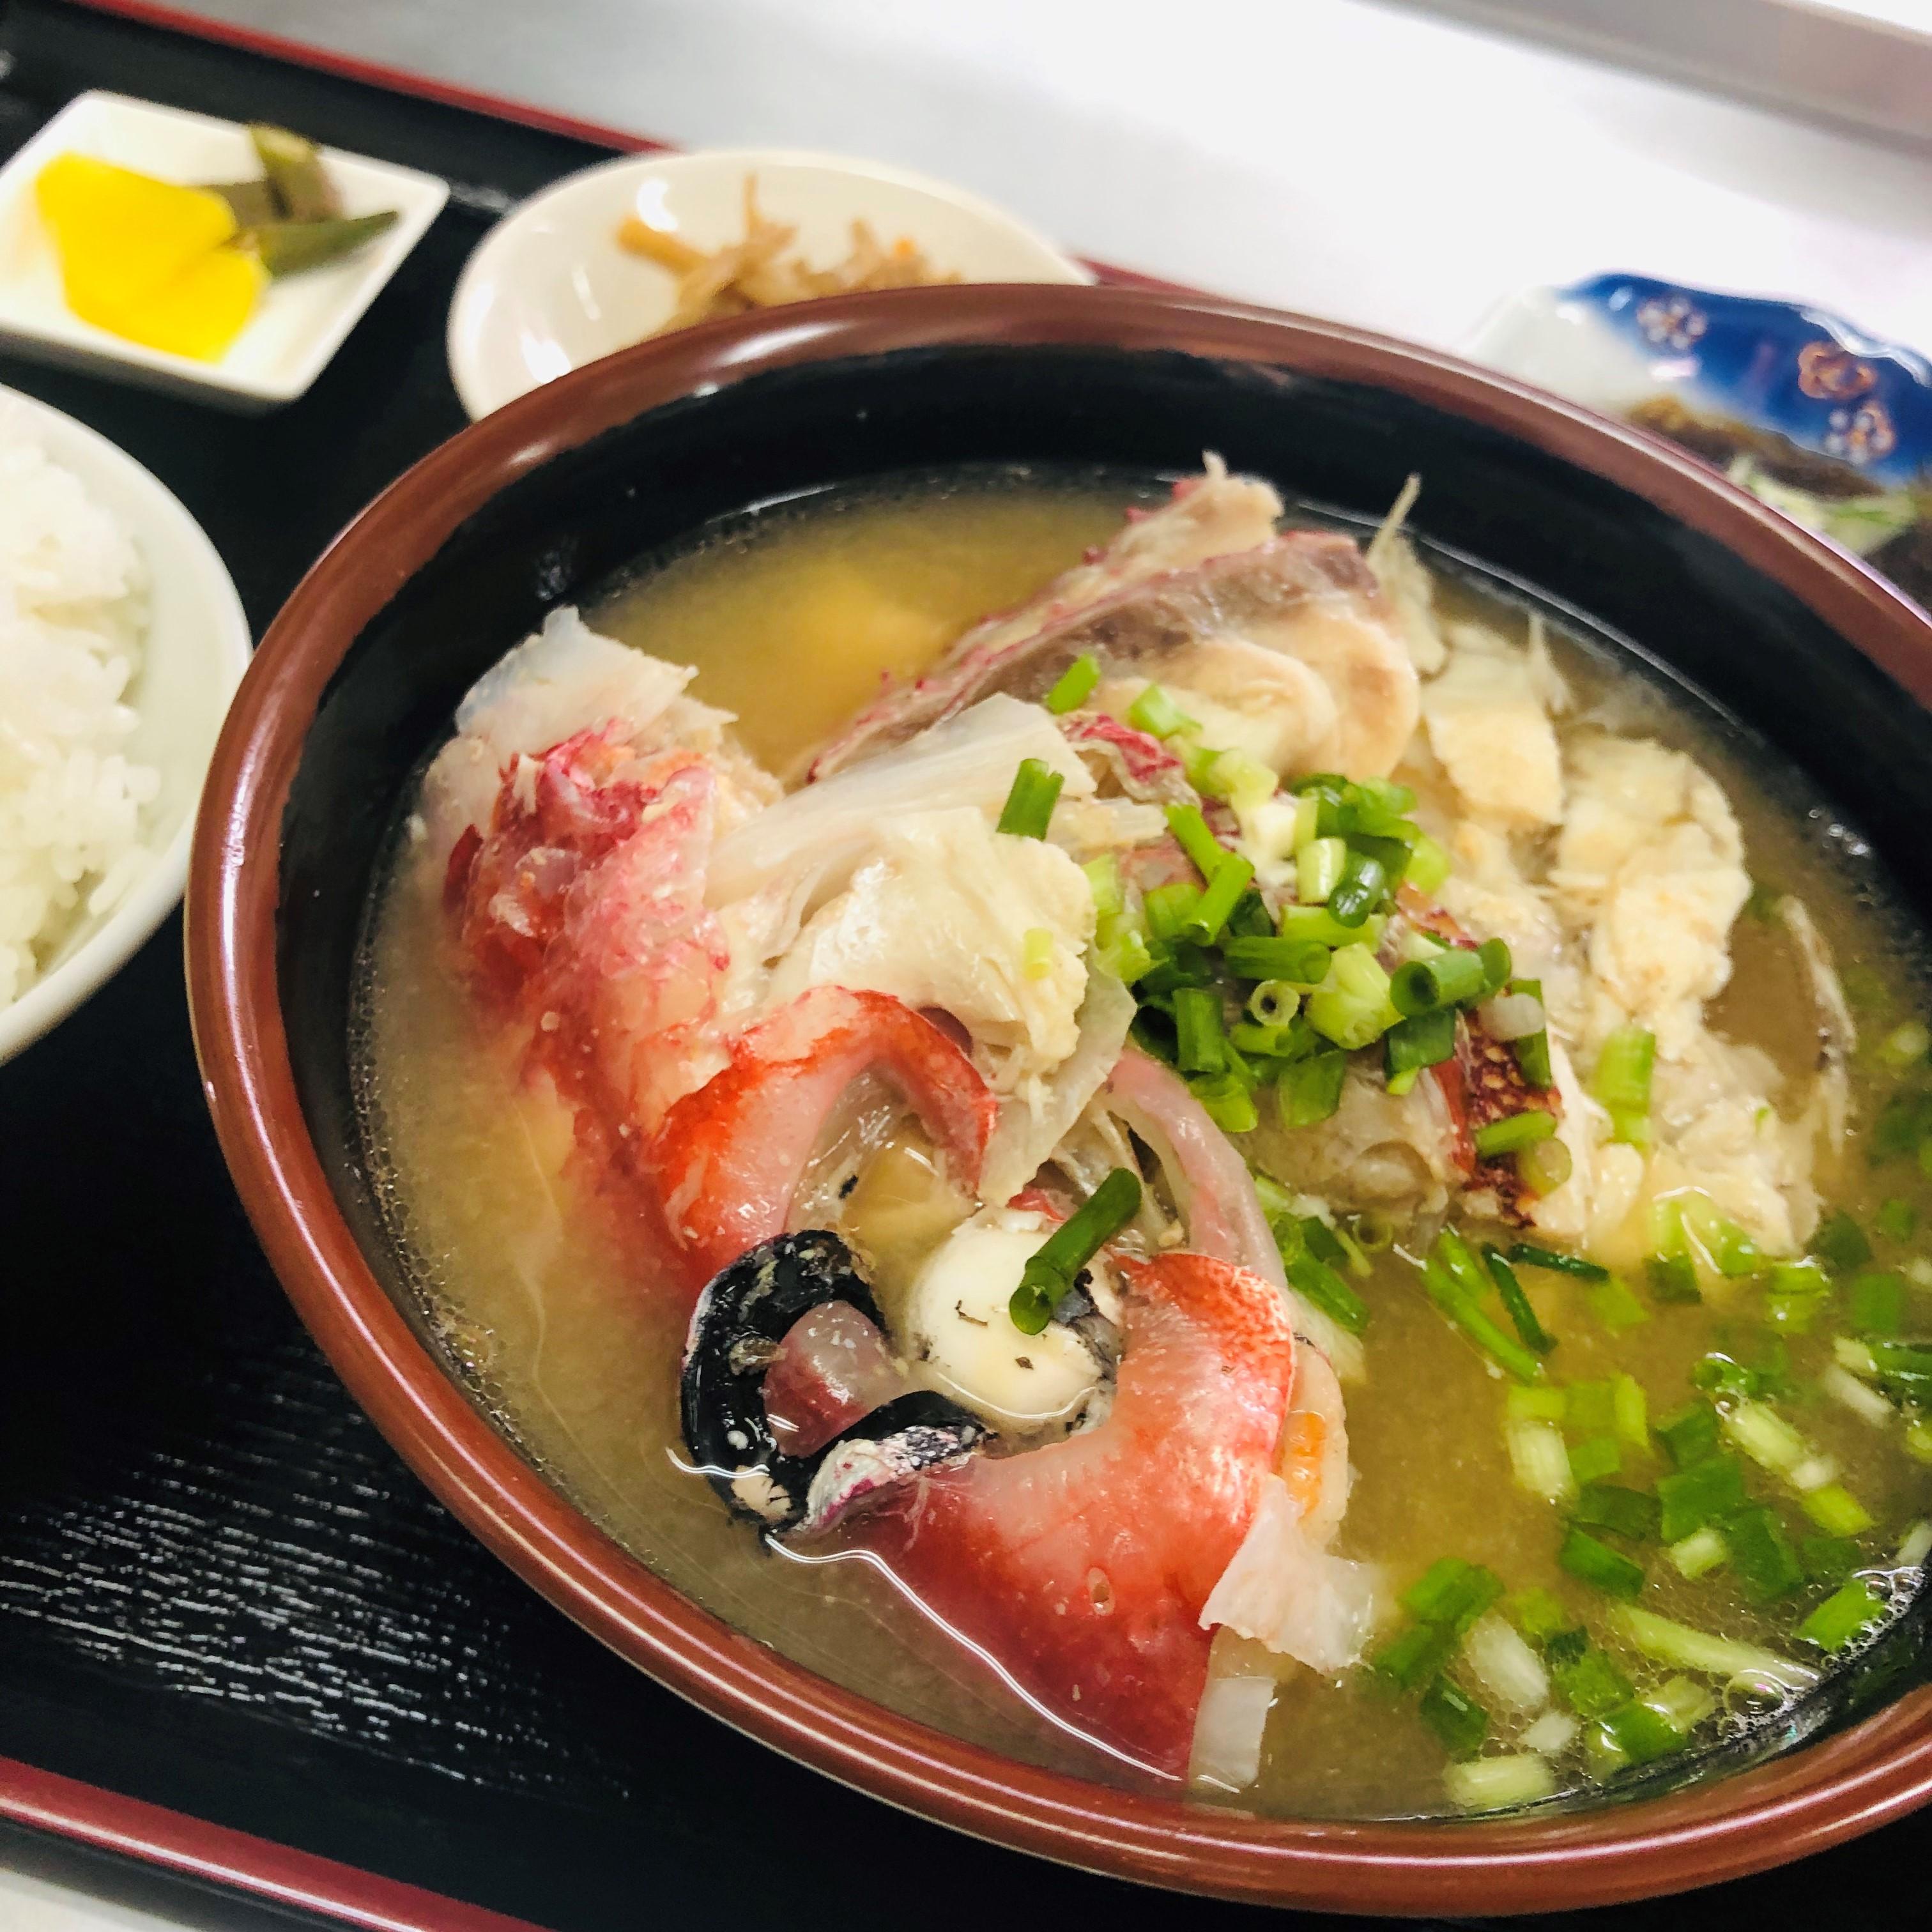 魚好きも大満足の味とボリューム!「魚汁定食」